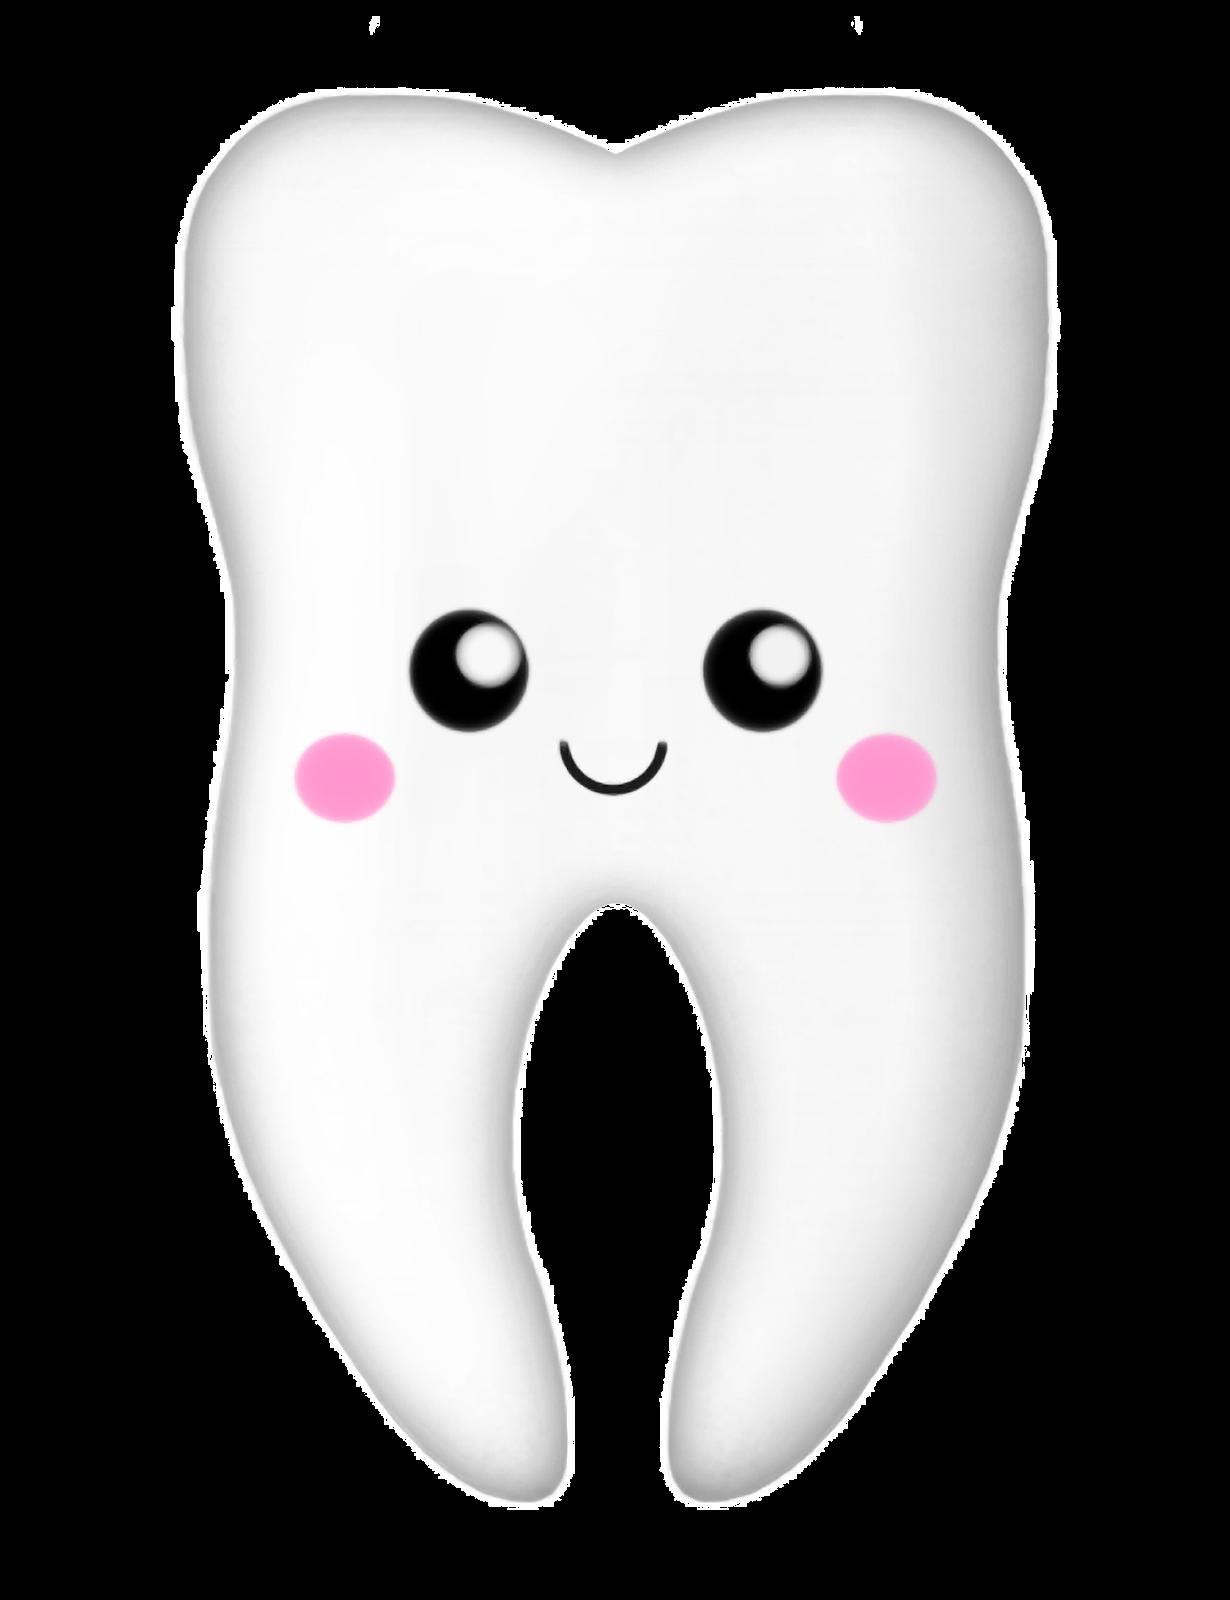 tooth clipart png - Recherche Google | Ratoncito Pérez | Pinterest ...